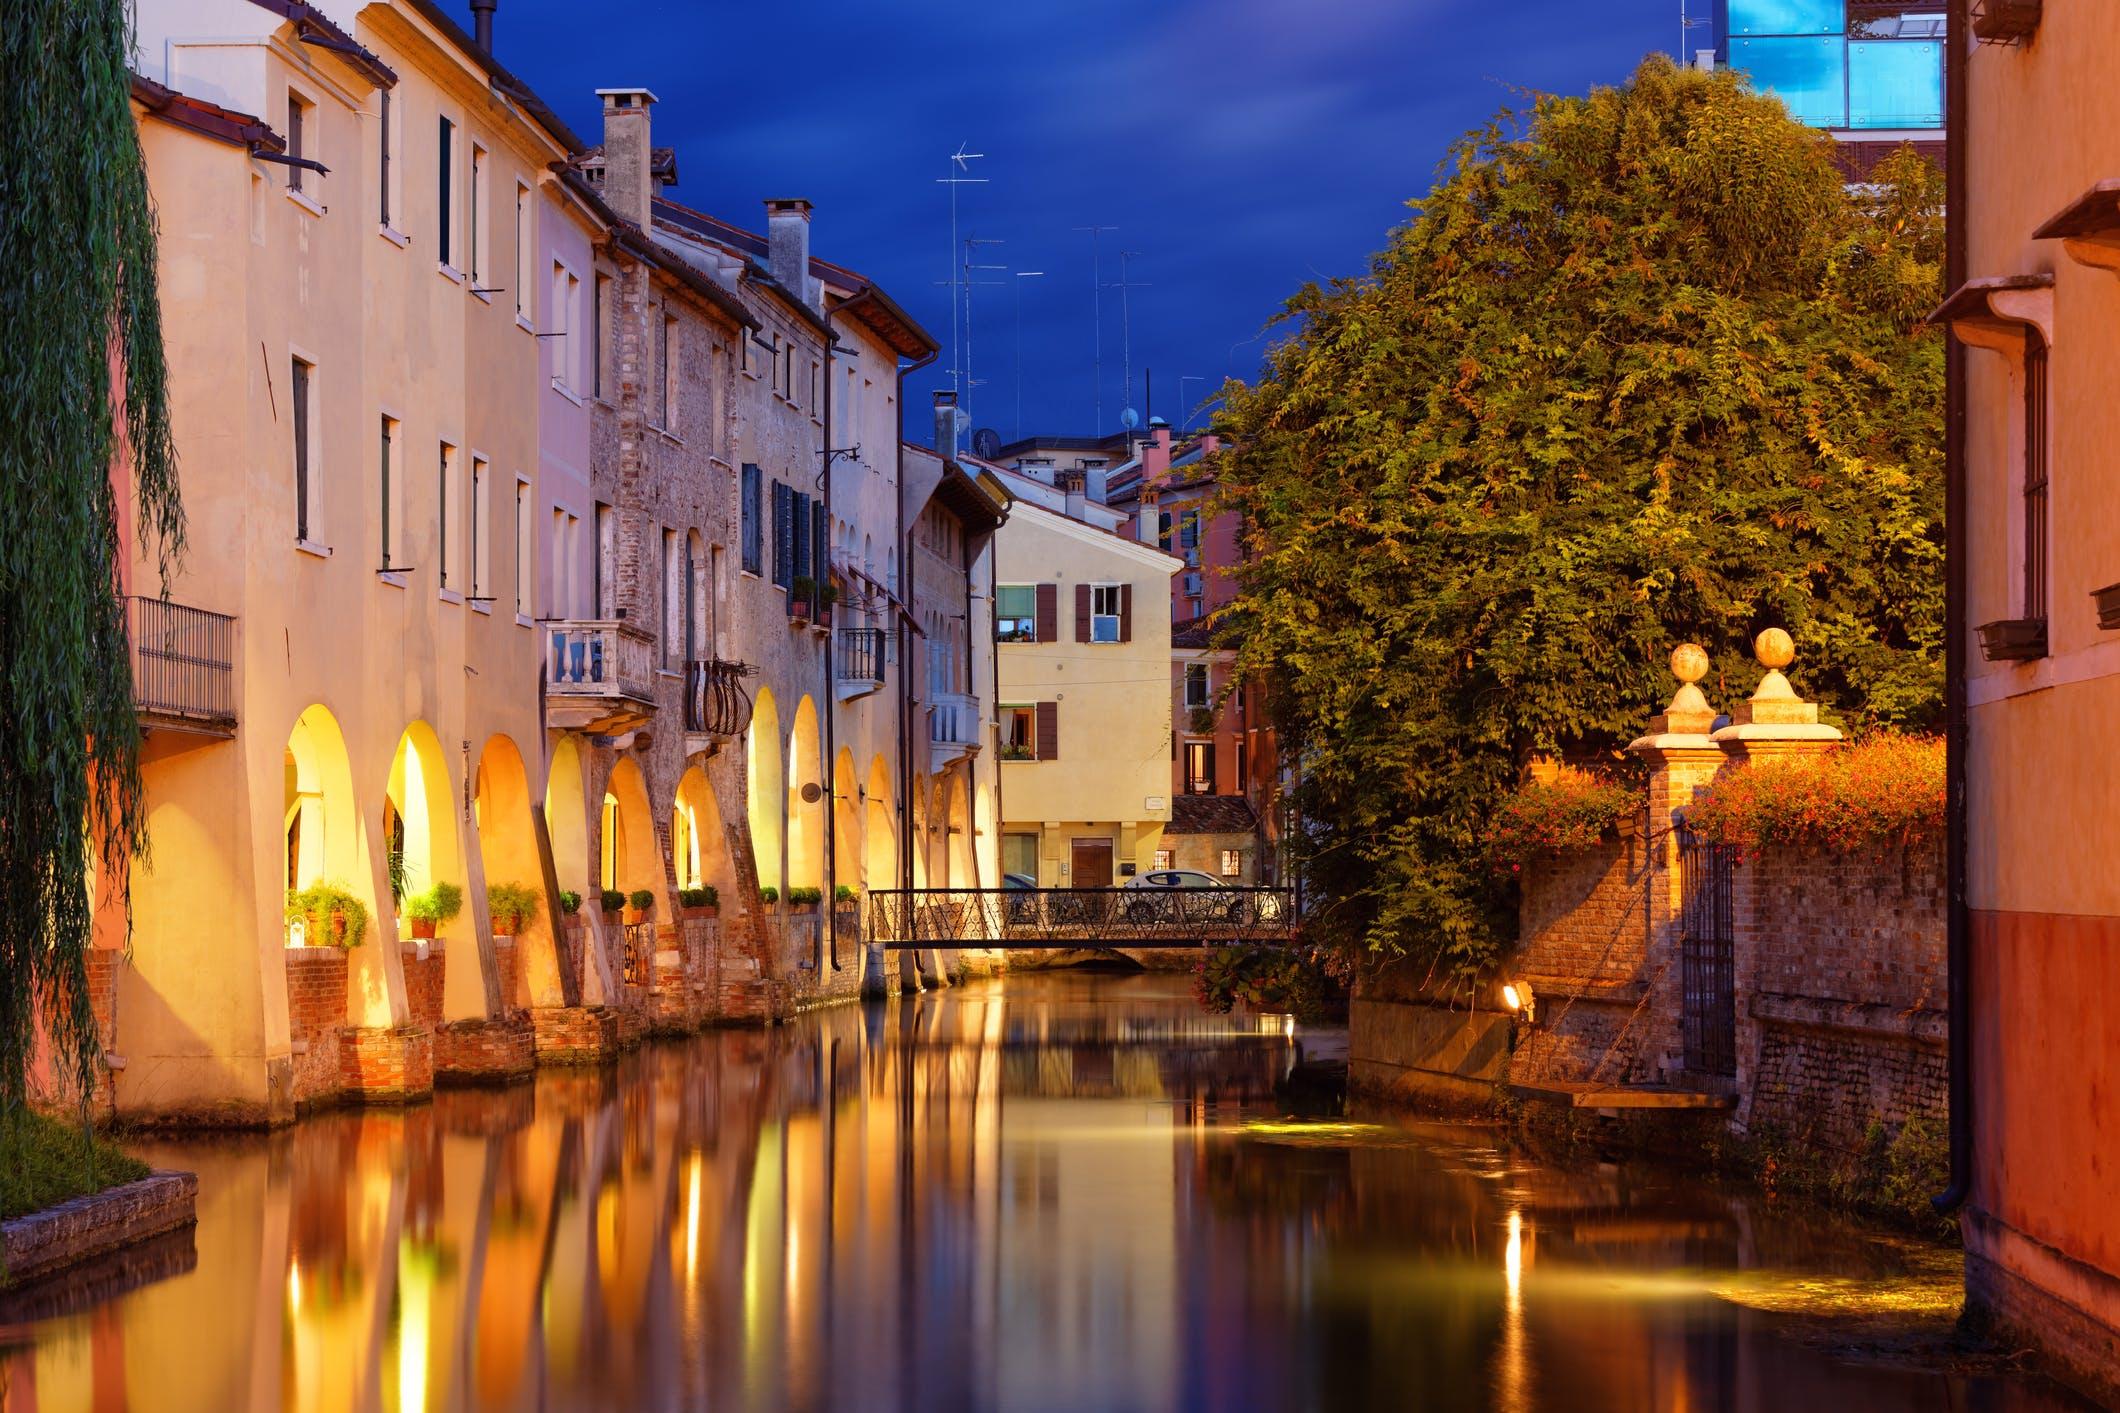 Slenter langs het water in Treviso in de avond voordat je weer teruggaat naar je hotel